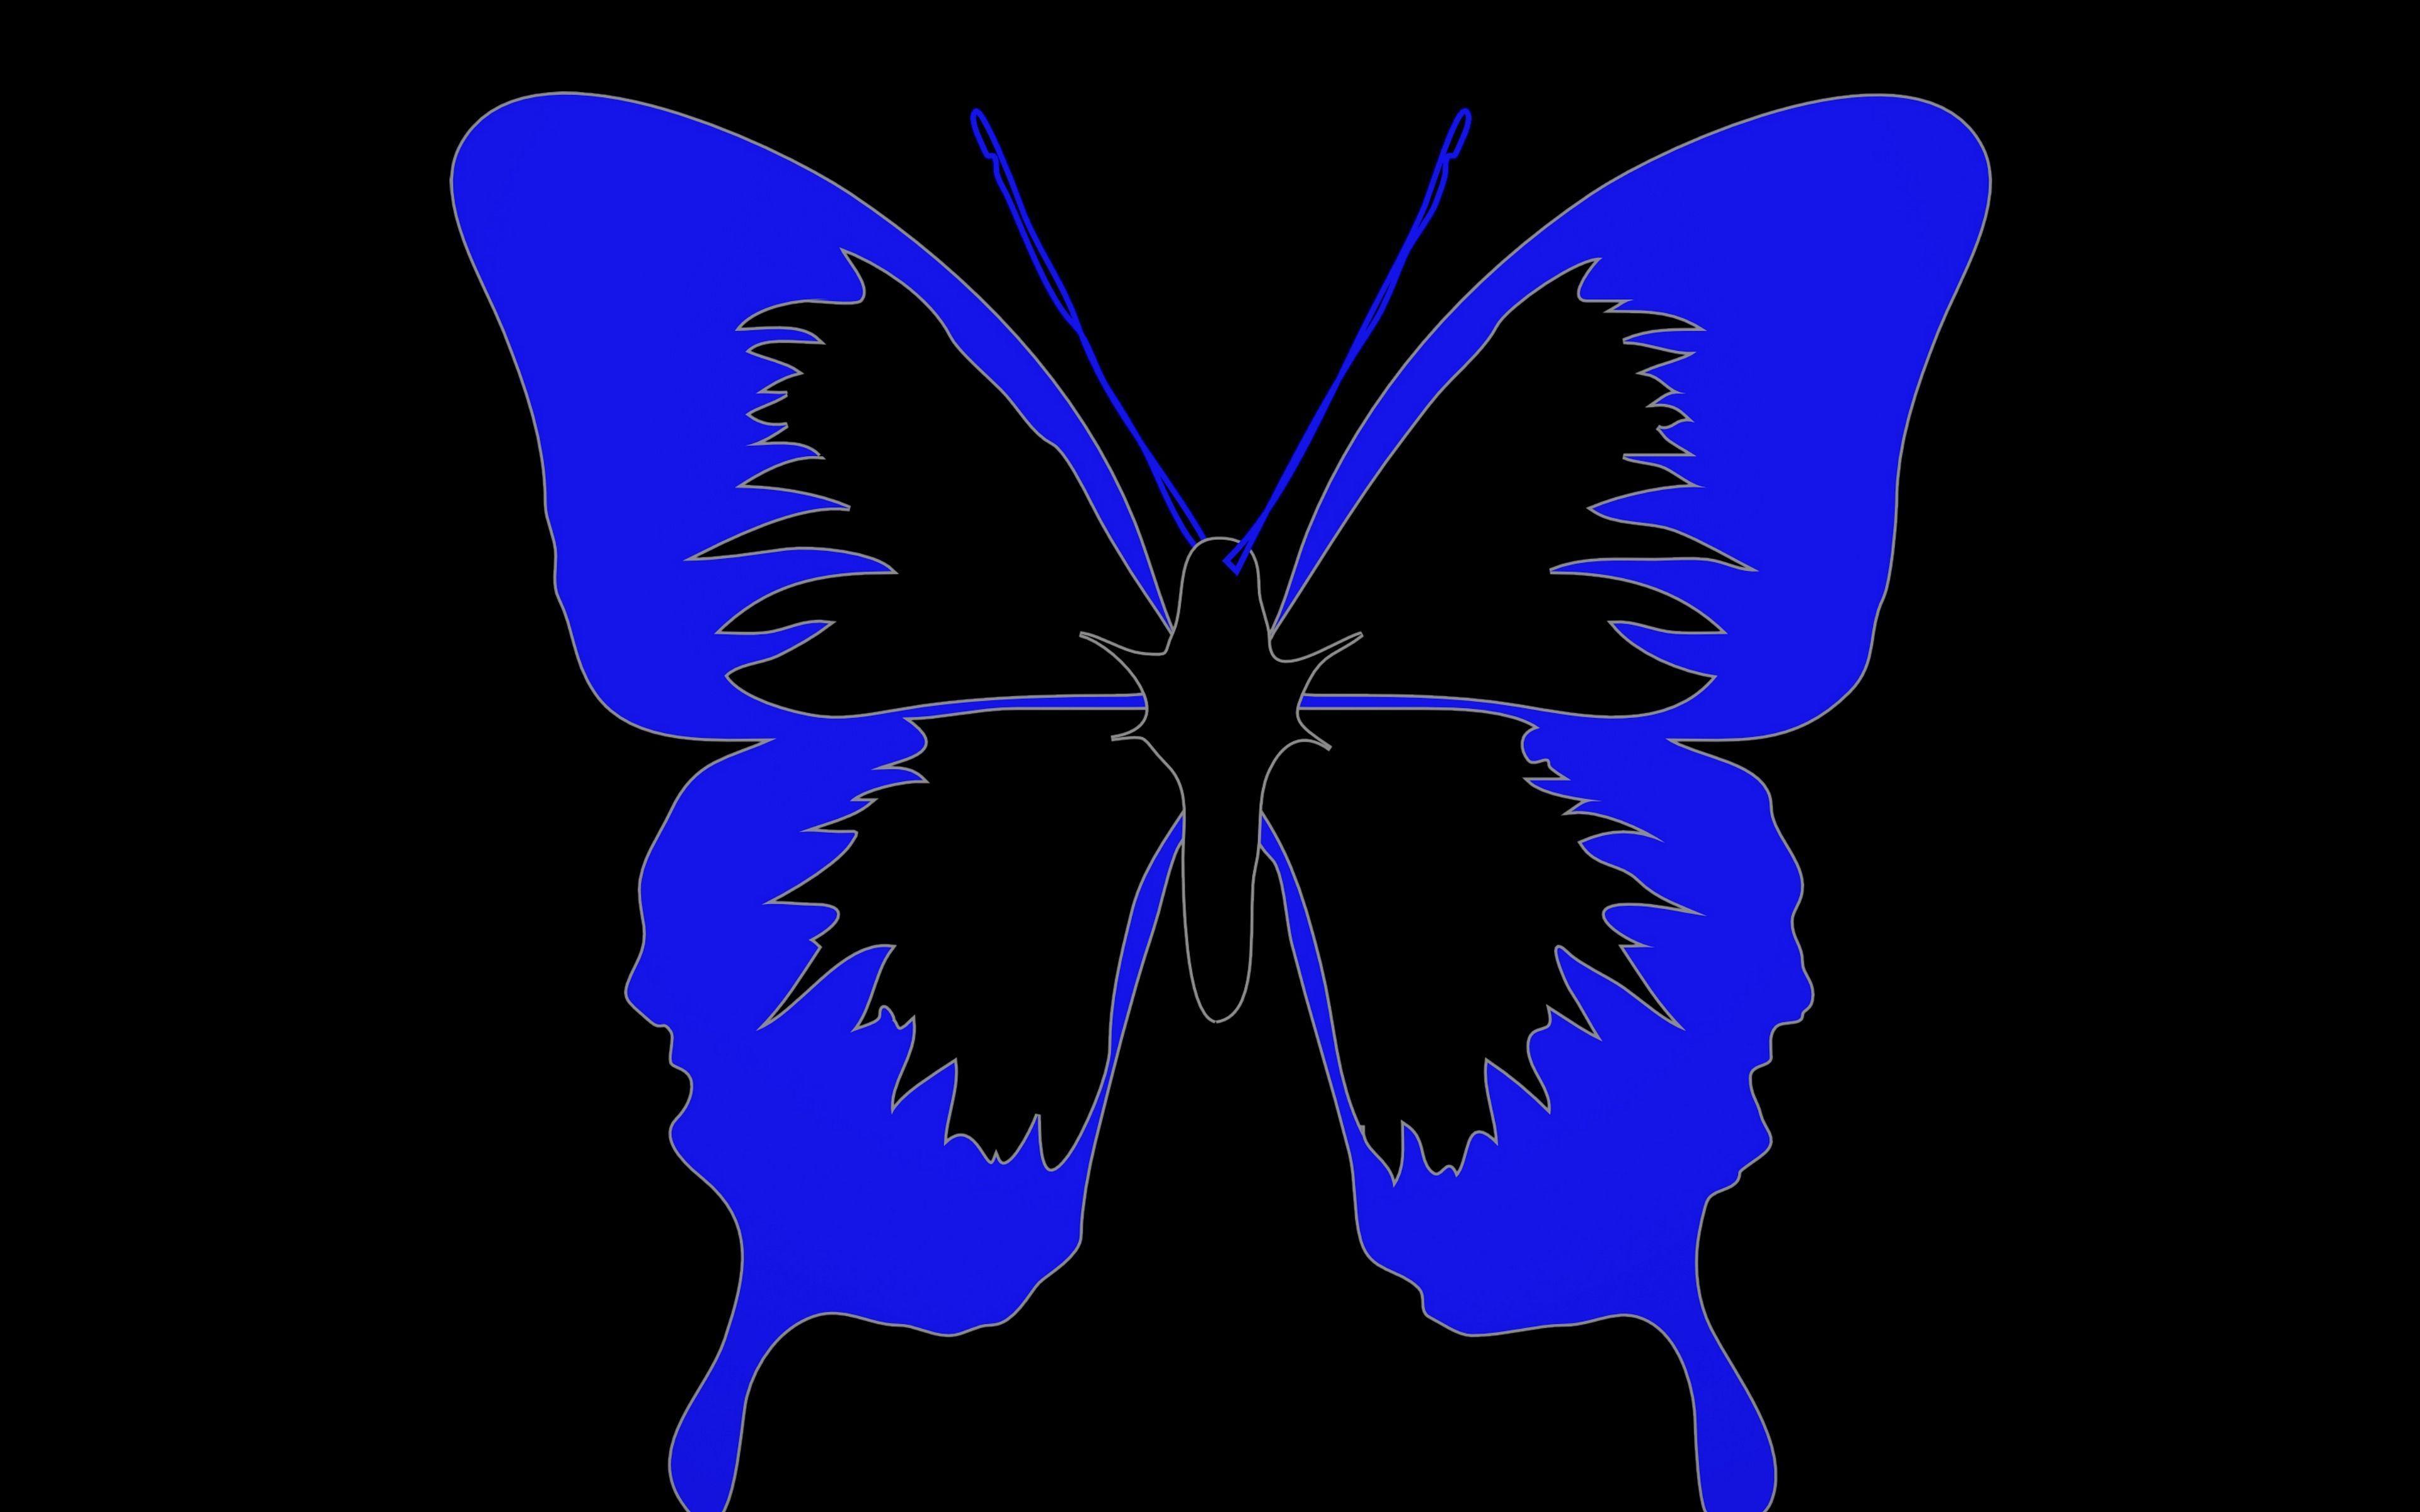 Dark Butterfly Wallpapers - Top Free Dark Butterfly ...